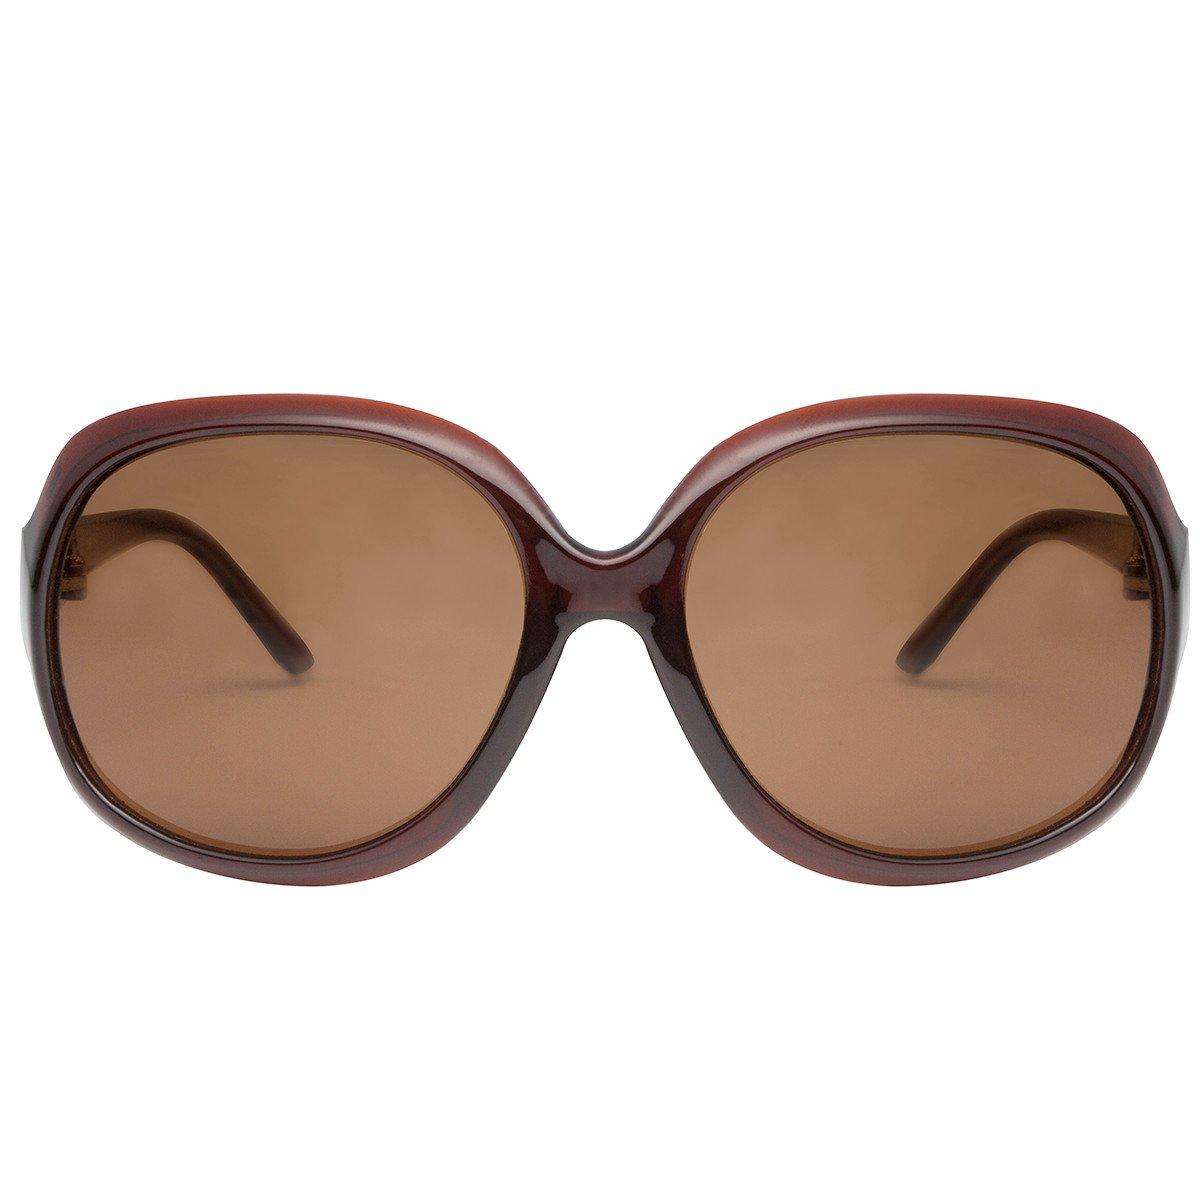 vivienfang elegante gafas de sol polarizadas de gran tamaño ...